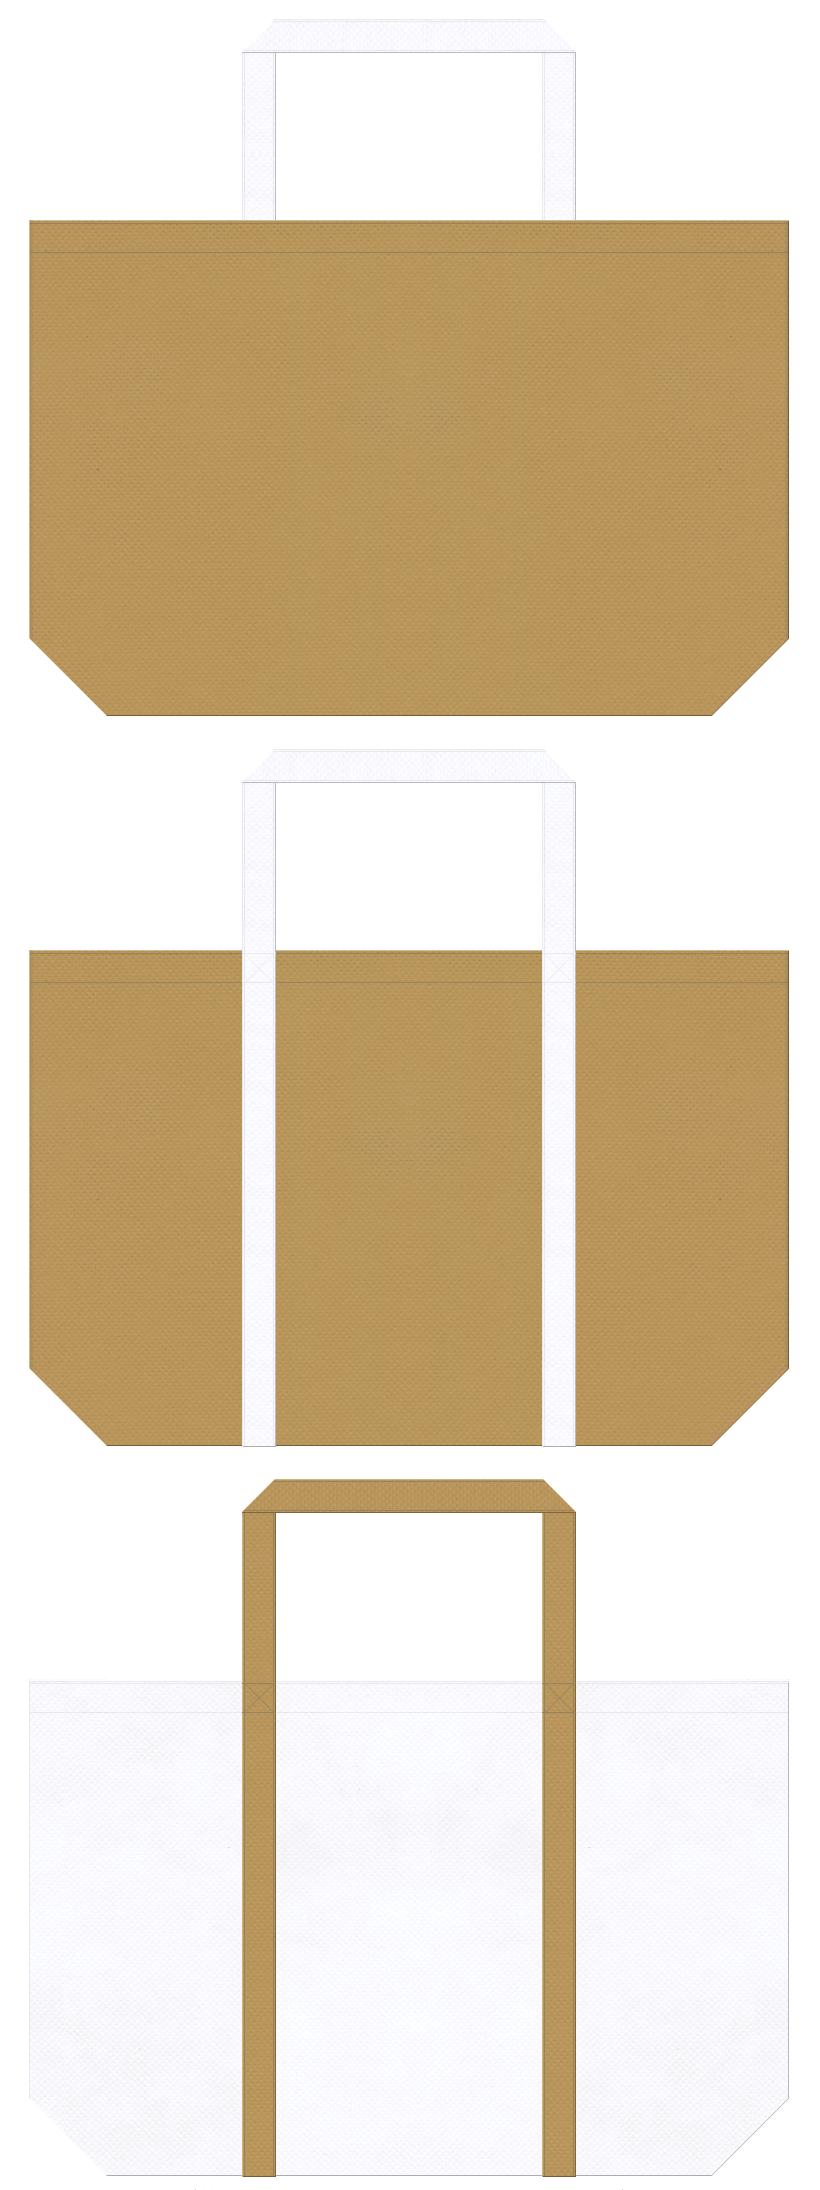 金黄土色と白色の不織布ショッピングバッグデザイン。